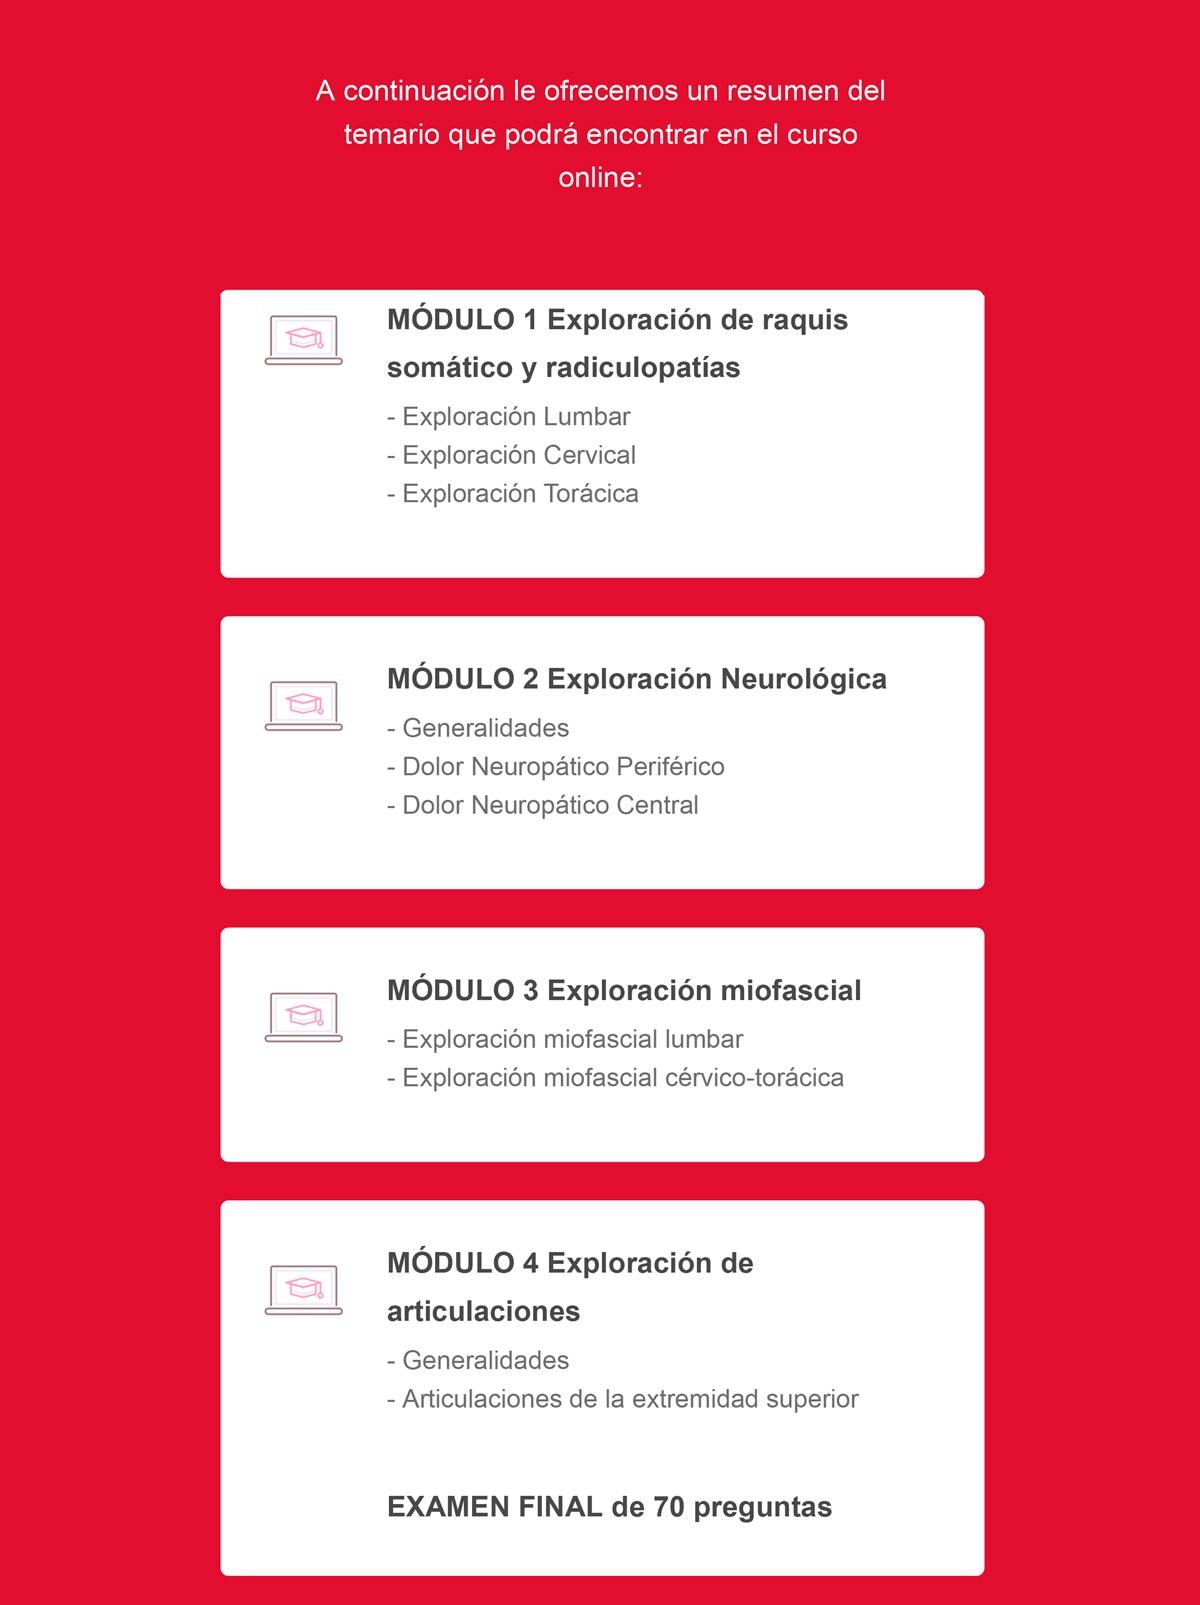 modulos-exploracion-clinica.jpg